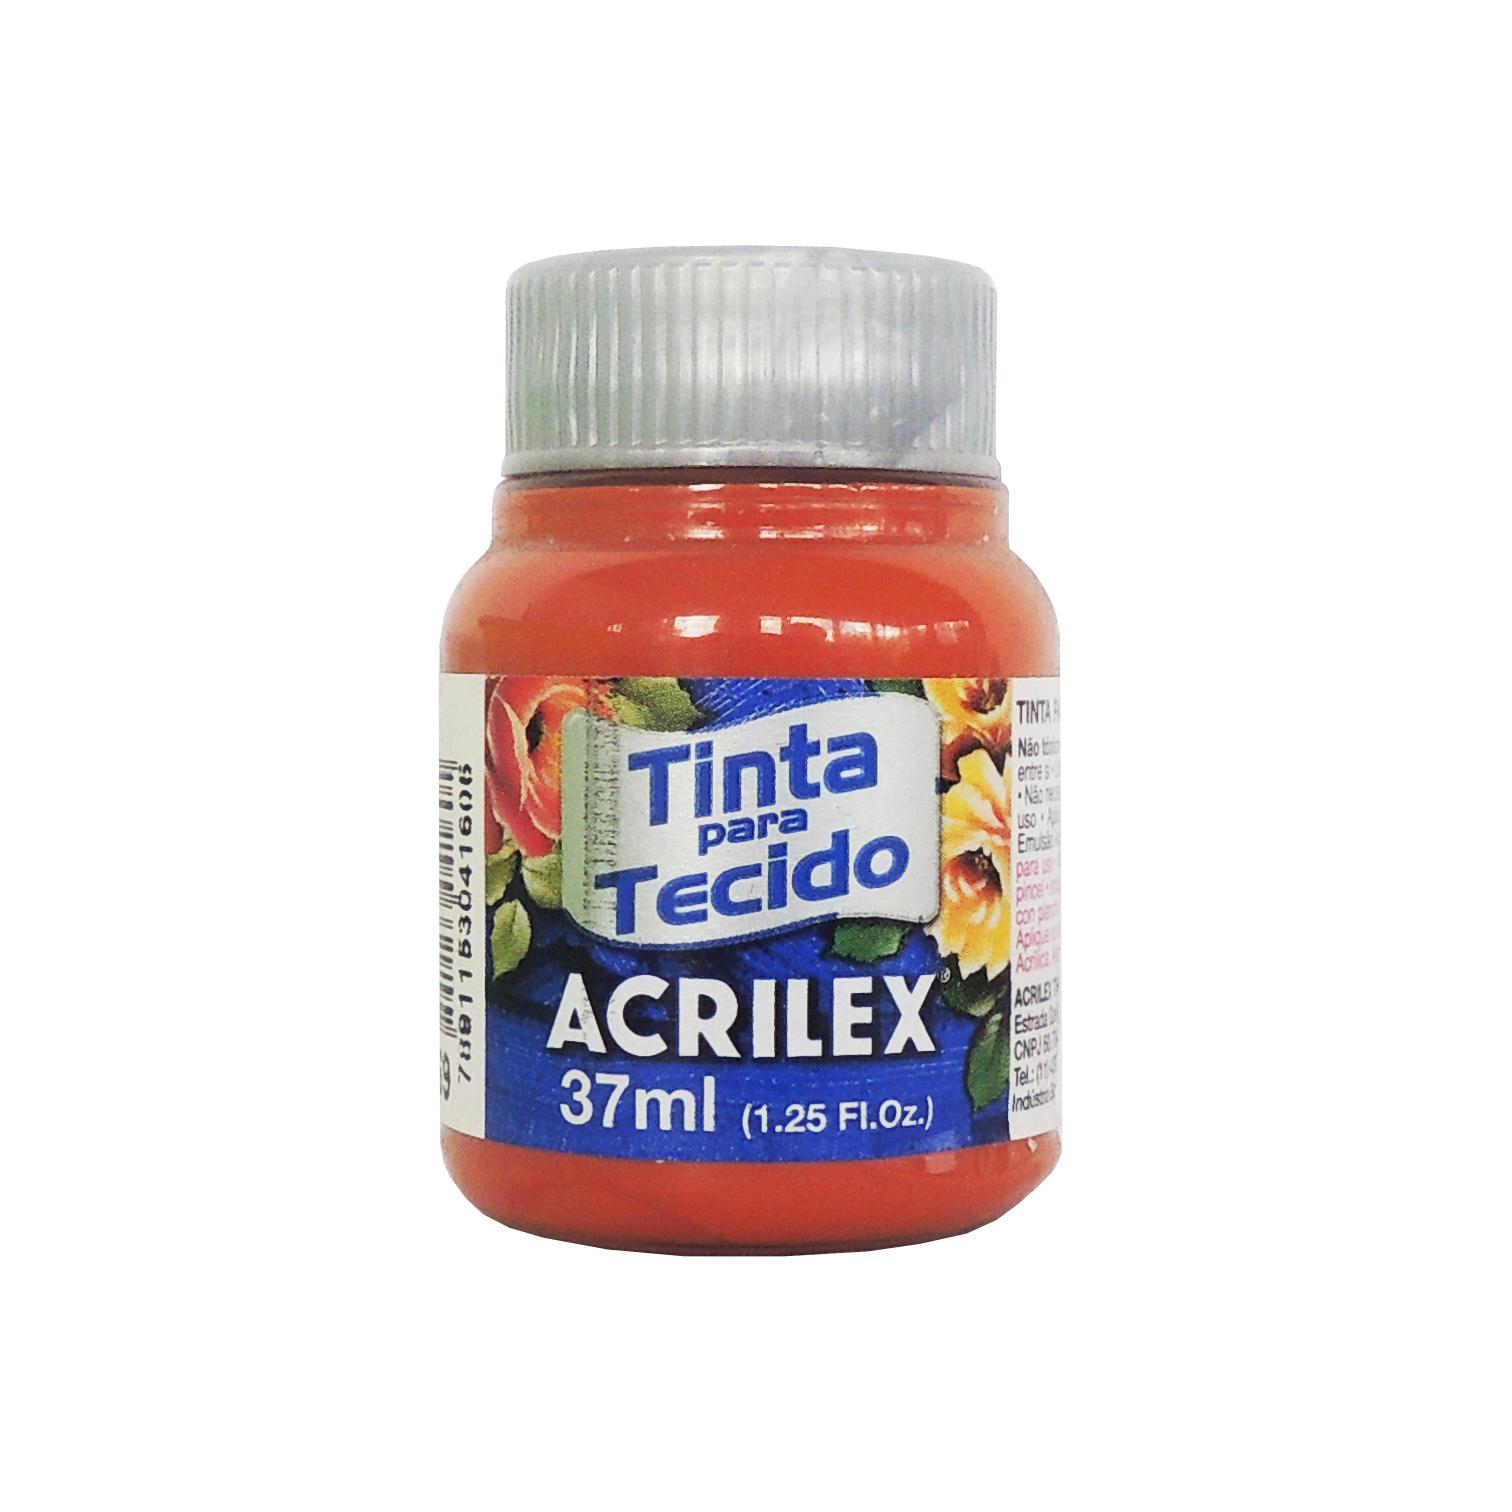 tinta-para-tecido-acrilex-37ml-569-caramelo